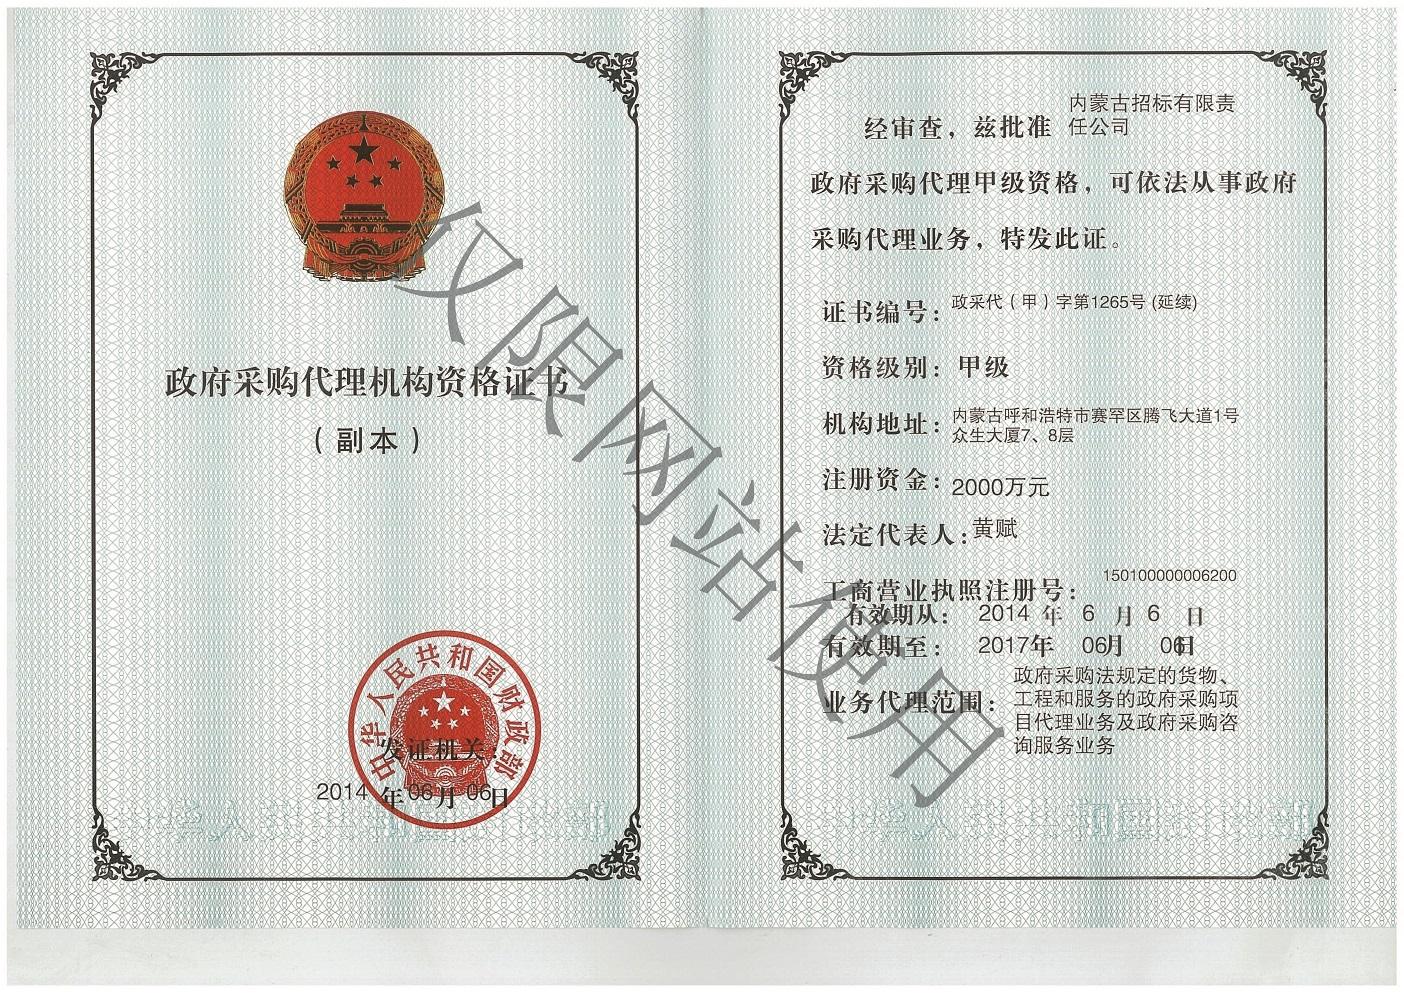 zheng府采购代理机构甲级资格证书副ben